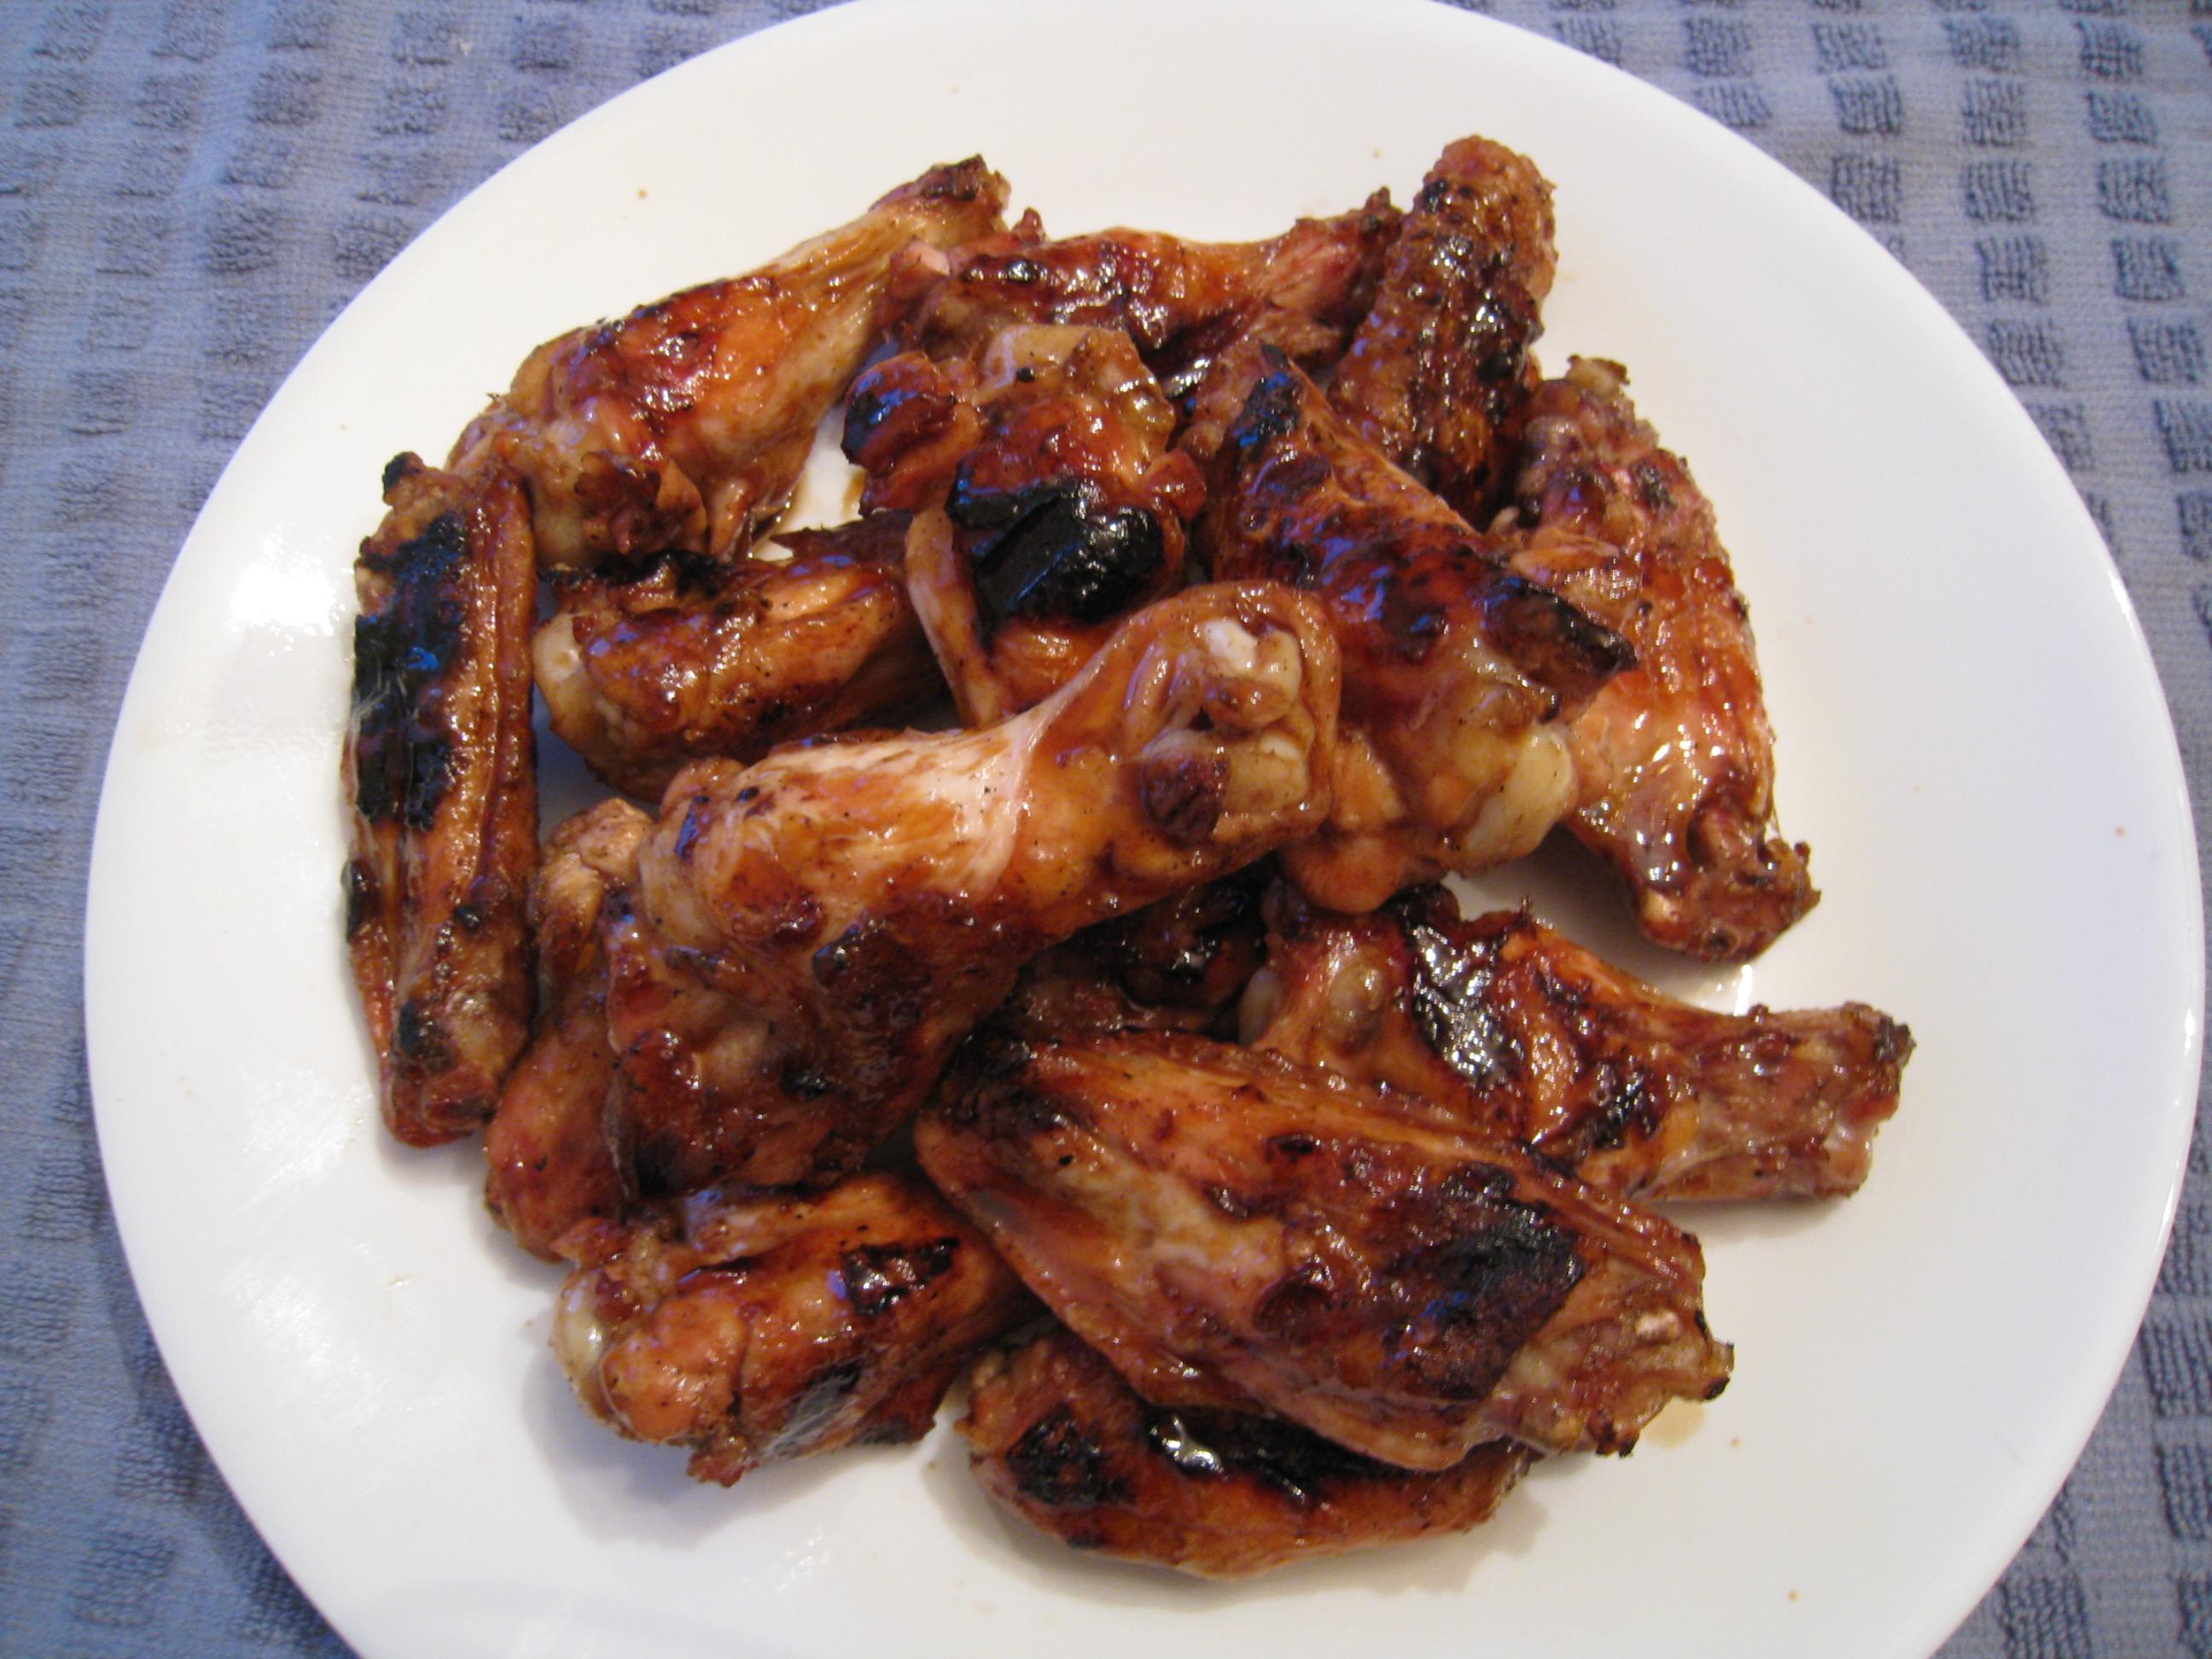 jalan alor chicken wings chicken teriyaki teriyaki sauce salmon ...